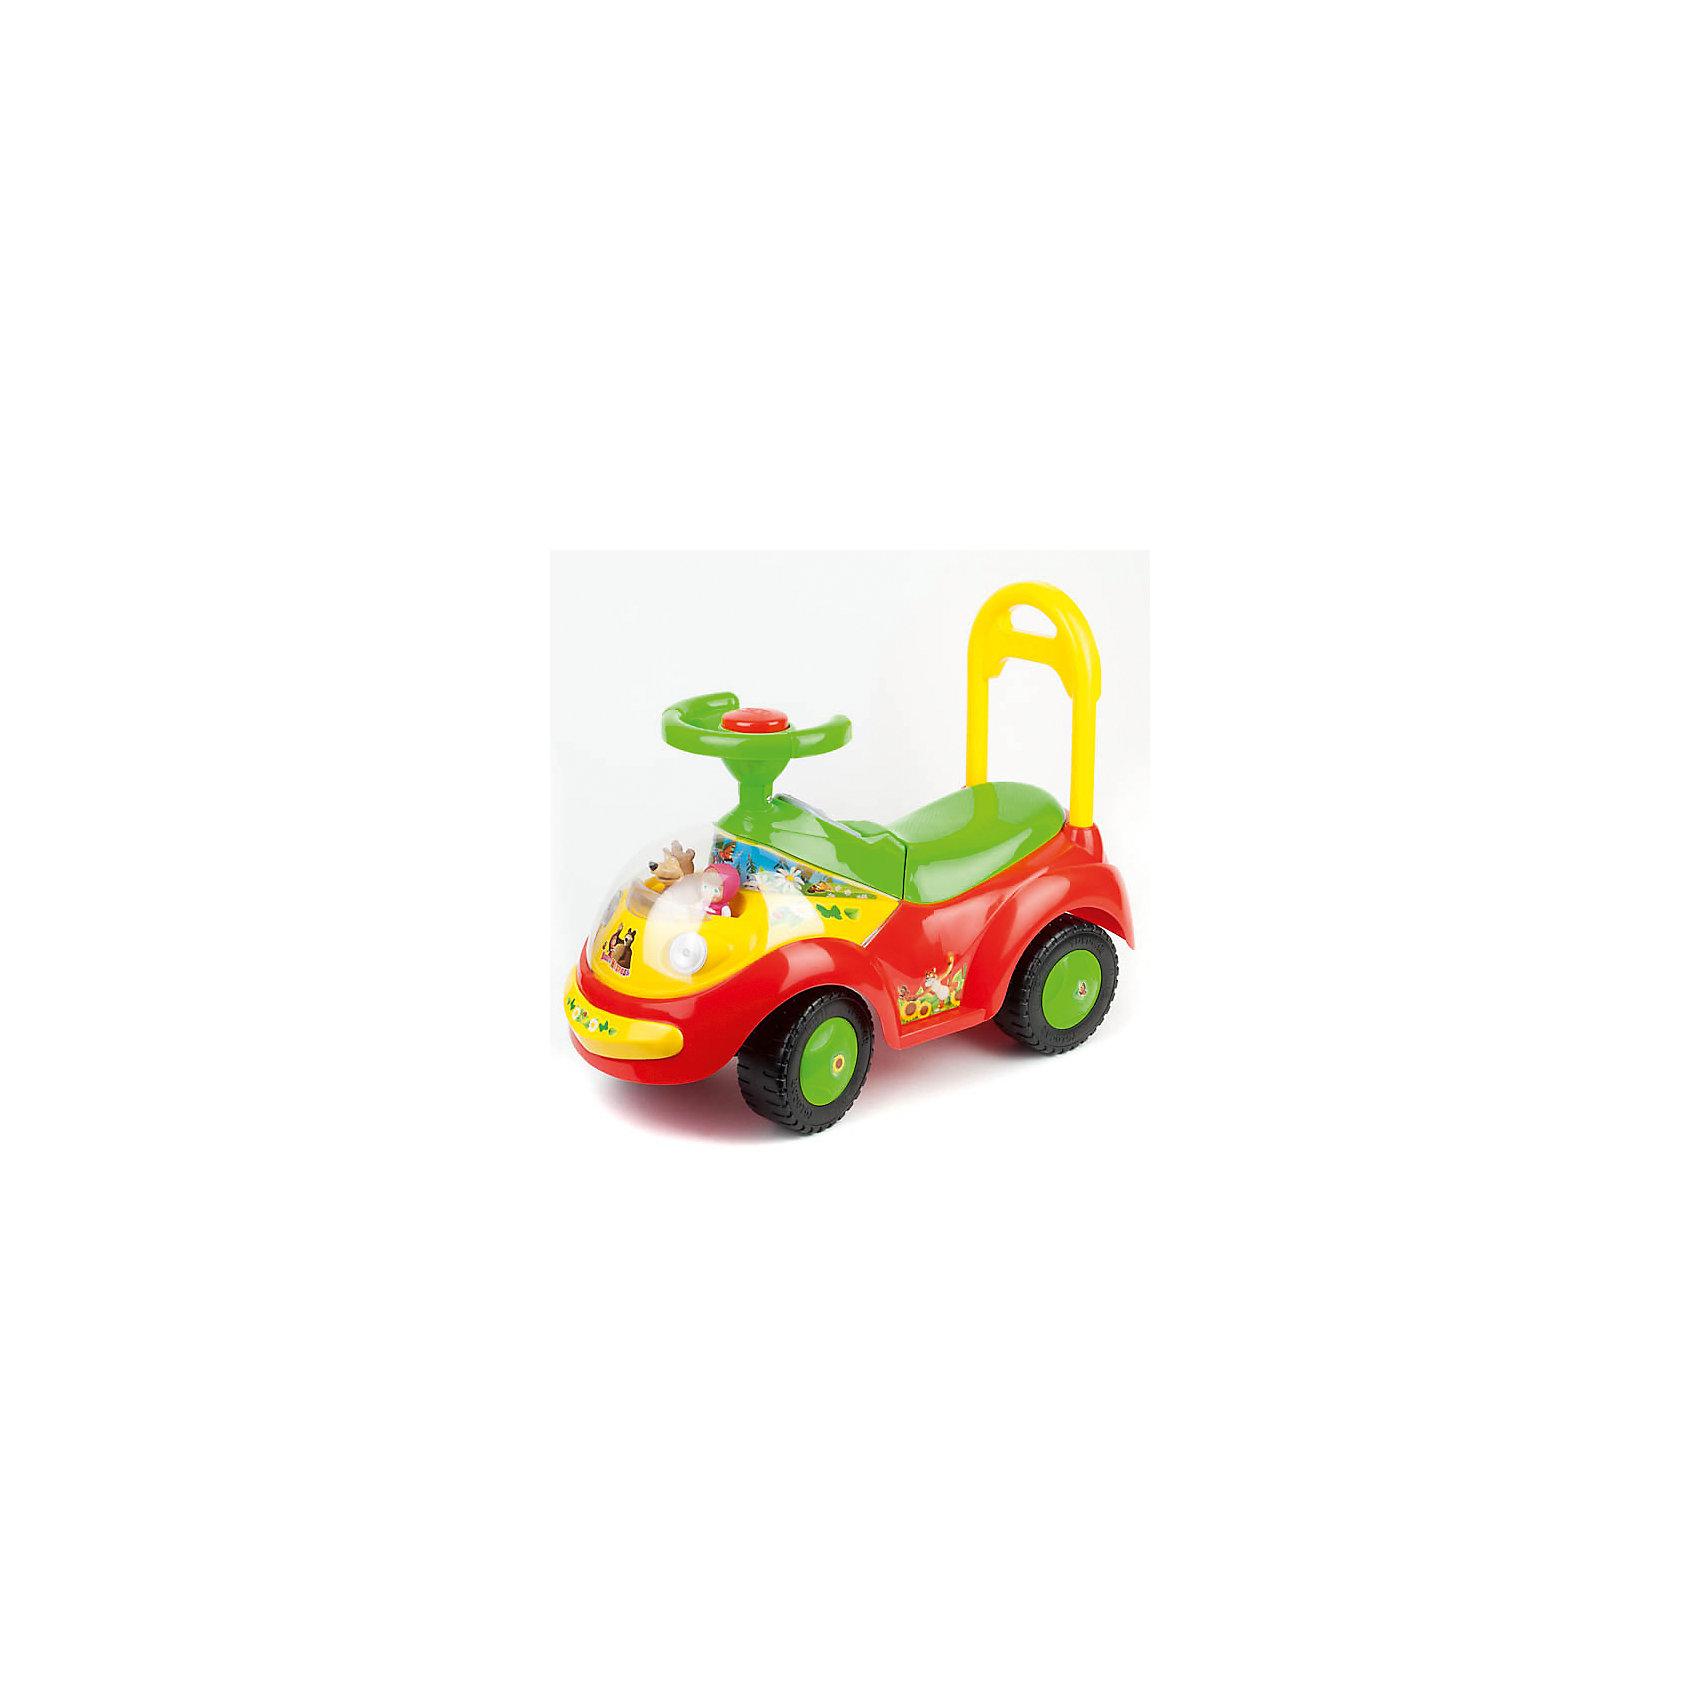 Машина-каталка, со светом и звуком, Маша и Медведь, BugatiЯркая машинка - каталка обязательно понравится малышам. Любимые герои в передней части автомобильчика порадуют кроху, а забавные звуки, мигалки и громкая пищалка сделают его путешествие незабываемым. В небольшой багажник под сиденьем можно положить свои любимые игрушки. Родители могут катать ребёнка за удобную ручку, а уже подросший малыш сможет отталкиваться ножками и ехать сам. Также кроха может использовать машинку как ходунки, толкая ее перед собой. Игрушка изготовлена из высококачественного прочного пластика, не имеет острых углов и мелких деталей, безопасна для детей. <br><br>Дополнительная информация:<br><br>- Материал:  пластик.<br>- Размер:  65х30х50 см .  <br>- Высота сиденья: 23 см.<br>- Максимальная нагрузка: 25 кг.<br>- Звуковые, световые эффекты, пищалка. <br>- Широкое удобное сиденье;<br>- Устойчивые пластиковые колеса<br>- Цвет: красный, зеленый, желтый. <br>- Багажник.<br>- Элемент питания: АА батарейки (не входят в комплект).<br><br>Машину-каталку, со светом и звуком, Маша и Медведь, Bugati, можно купить в нашем магазине.<br><br>Ширина мм: 660<br>Глубина мм: 480<br>Высота мм: 260<br>Вес г: 3100<br>Возраст от месяцев: 24<br>Возраст до месяцев: 60<br>Пол: Унисекс<br>Возраст: Детский<br>SKU: 4310823